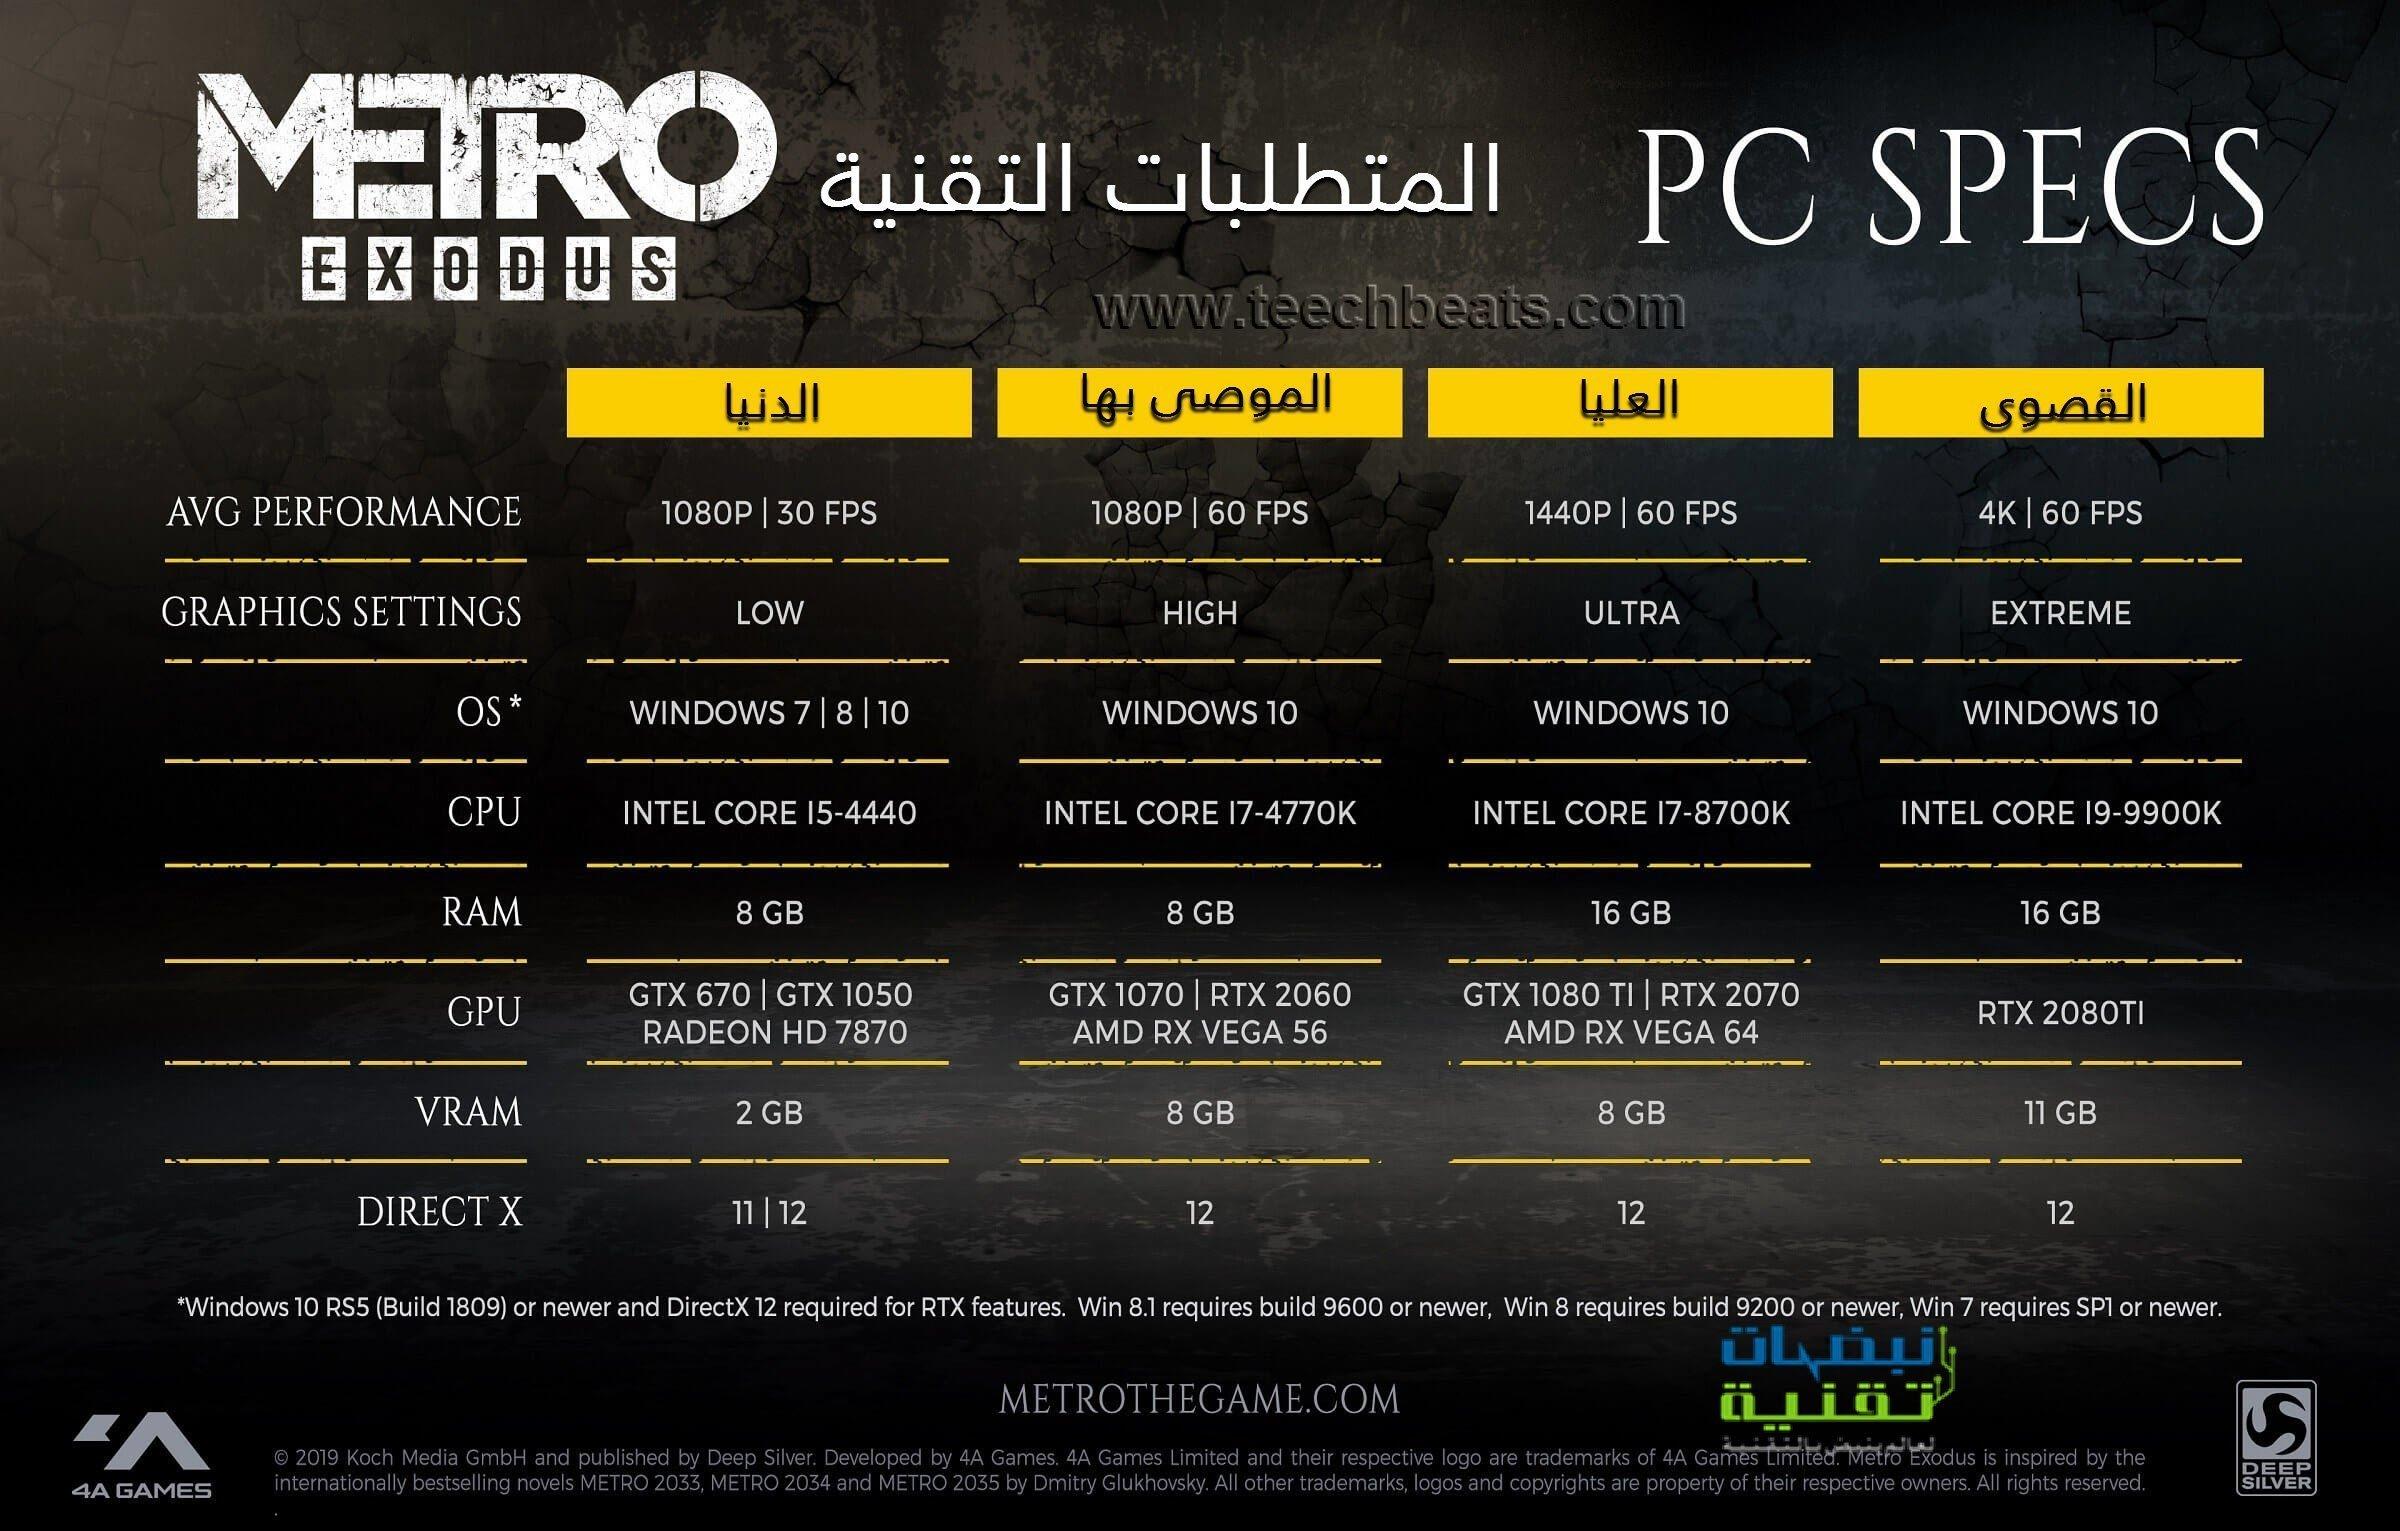 المتطلبات التقنية لتشغيل لعبة Metro Exodus على الكمبيوتر